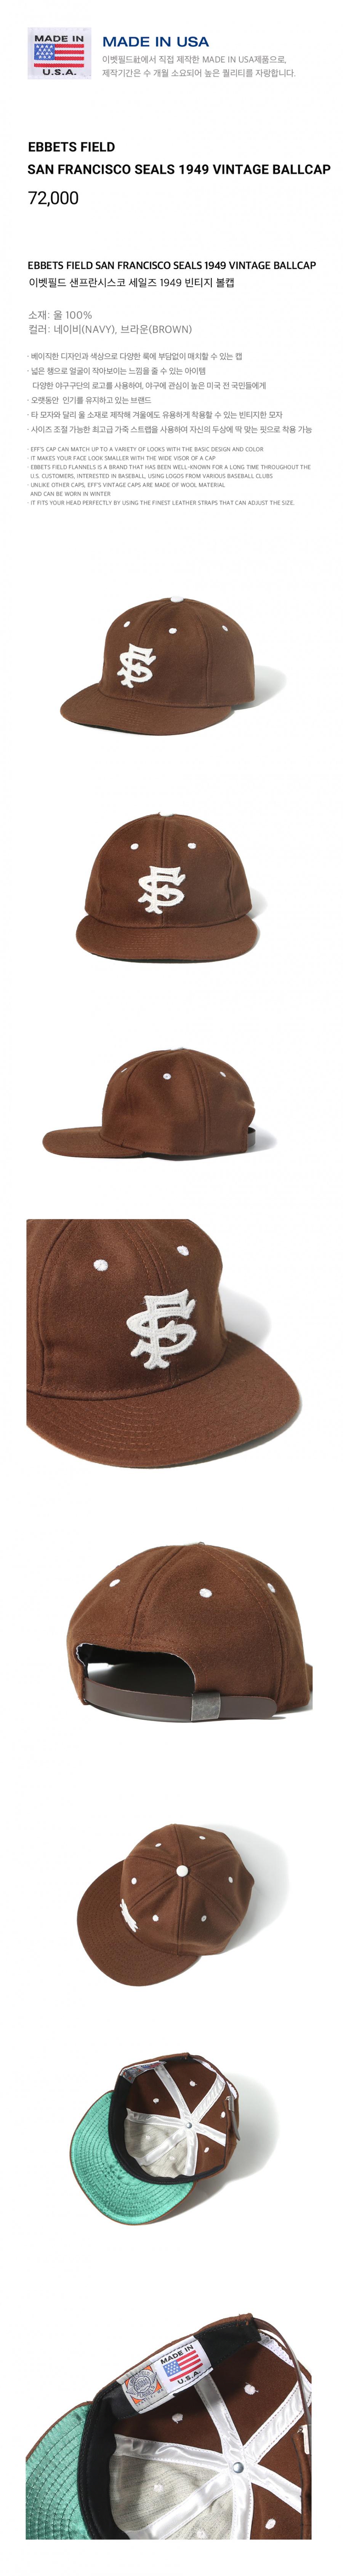 이벳필드(EBBETSFIELD) San Francisco Seals 1949 Vintage Ballcap BROWN